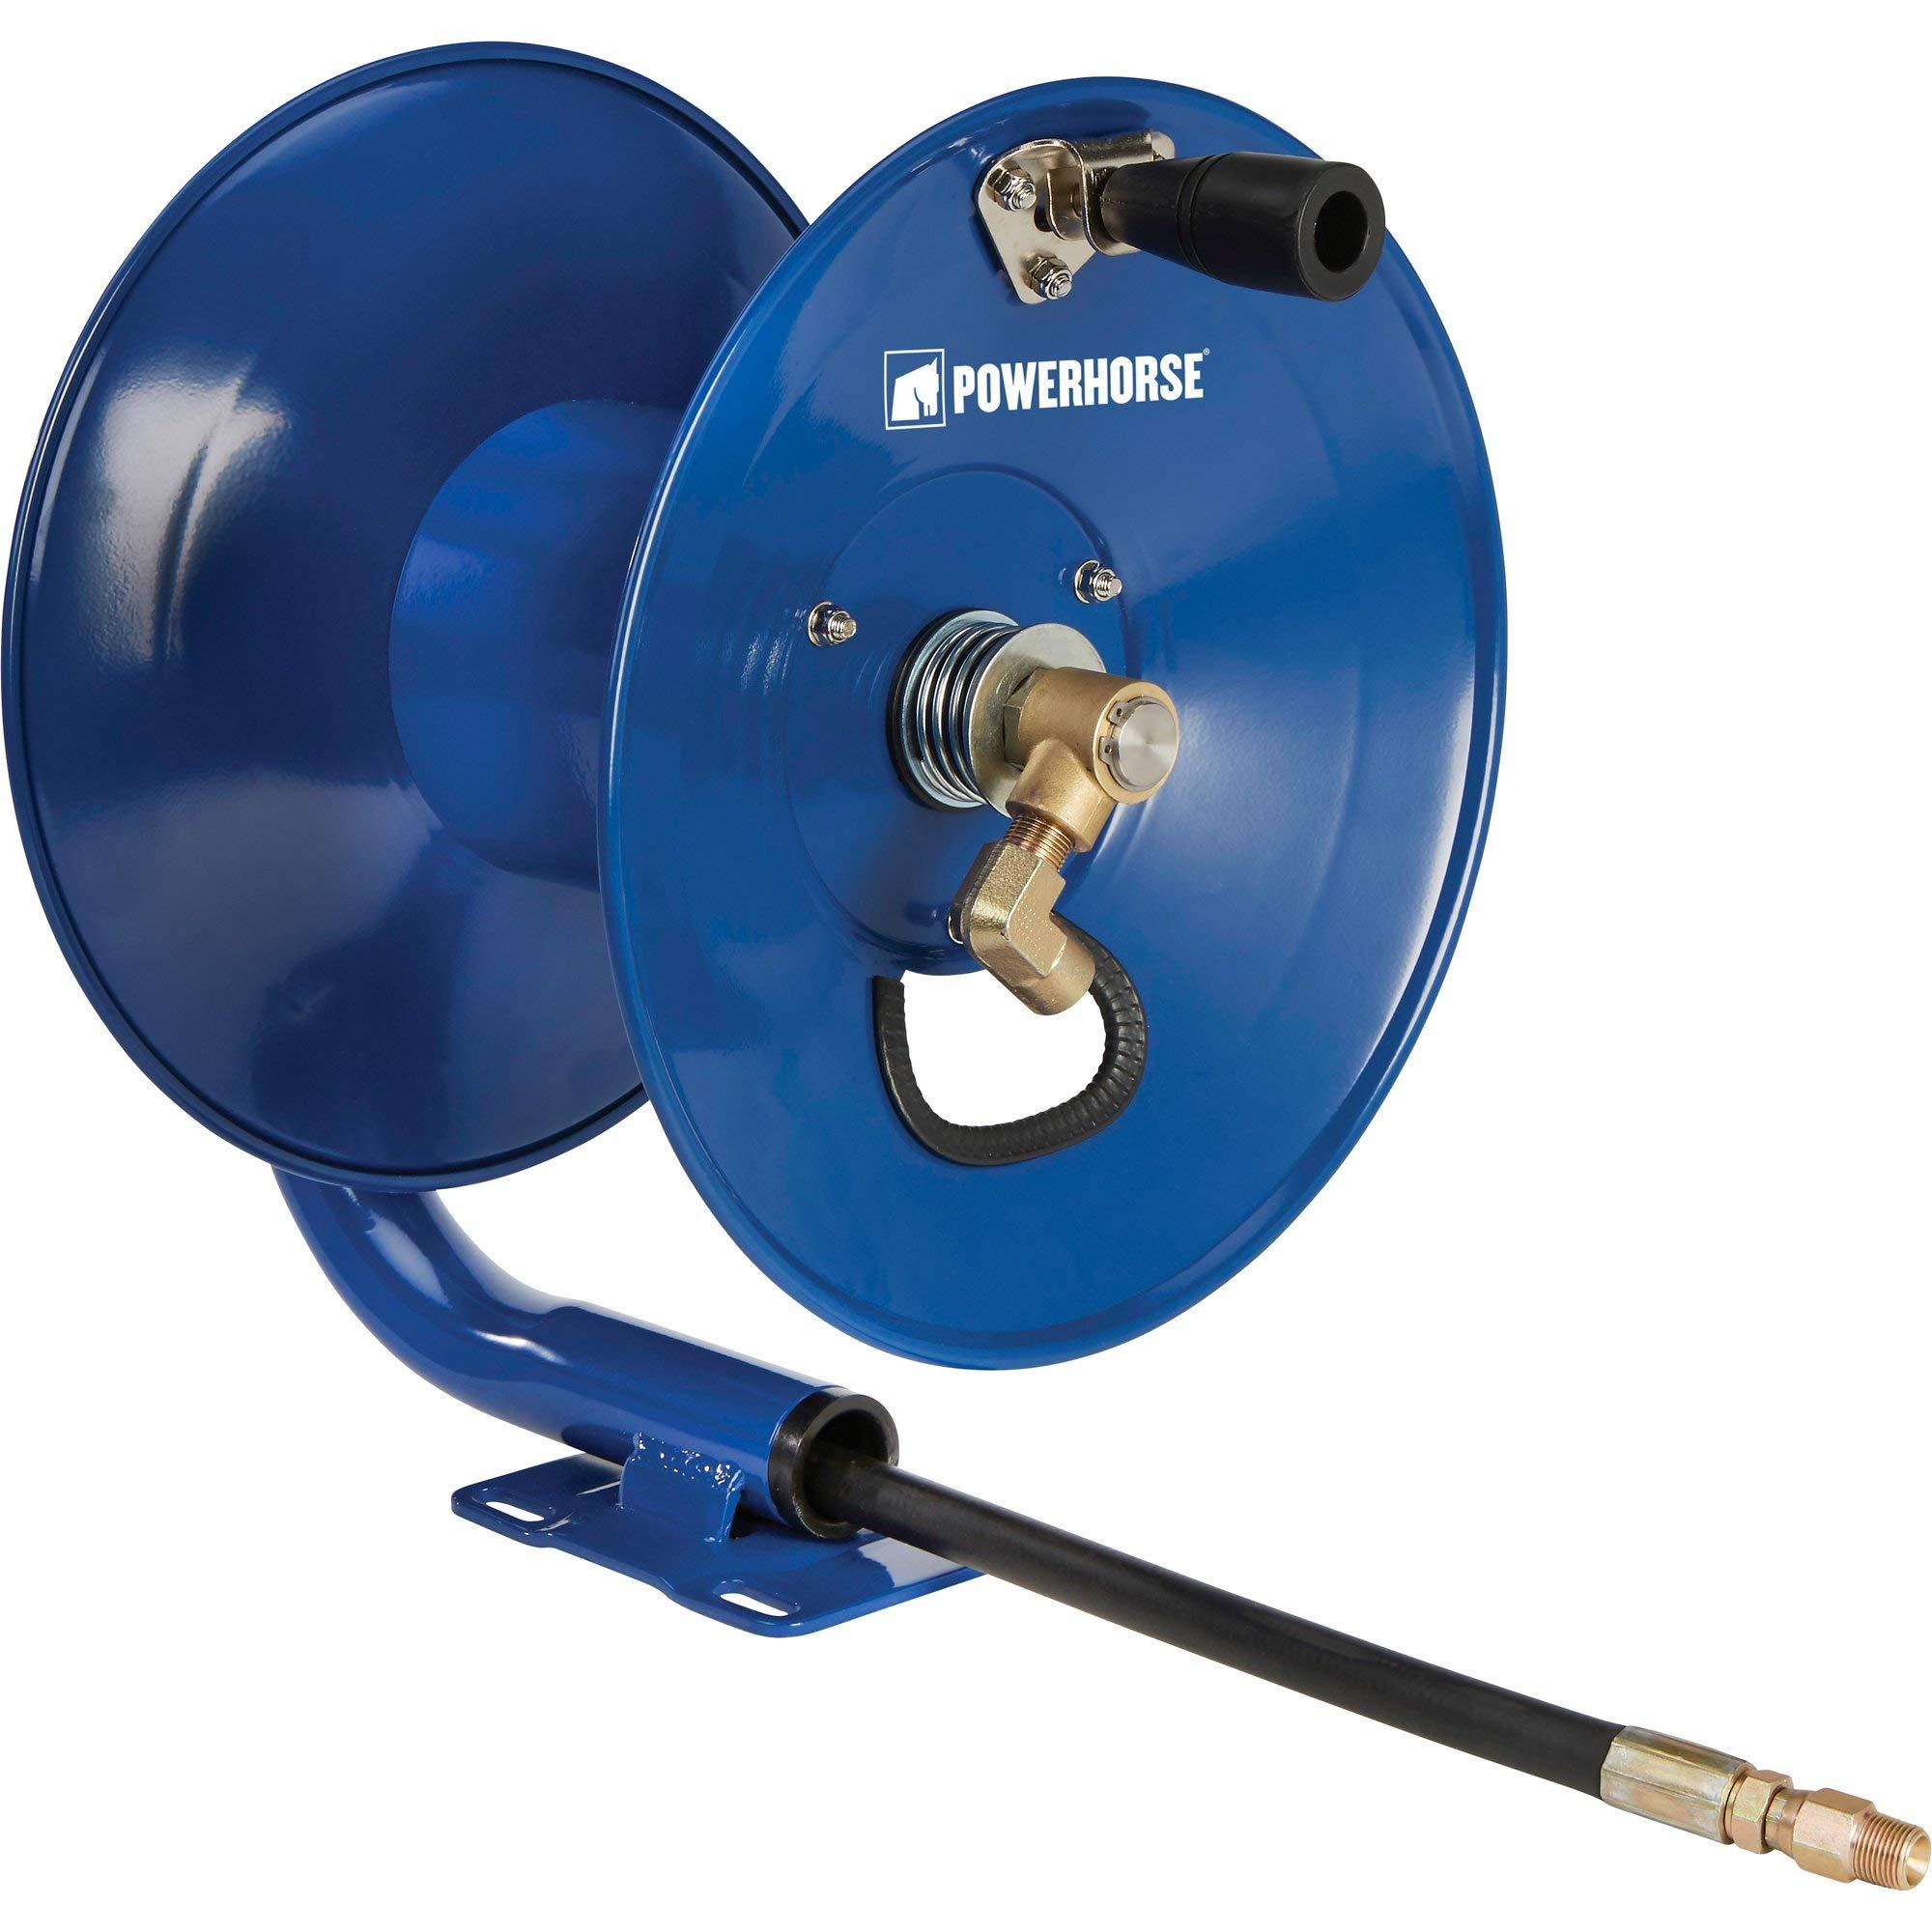 Powerhorse Pressure Washer Hose Reel - 4000 PSI, 150ft. Capacity by Powerhorse